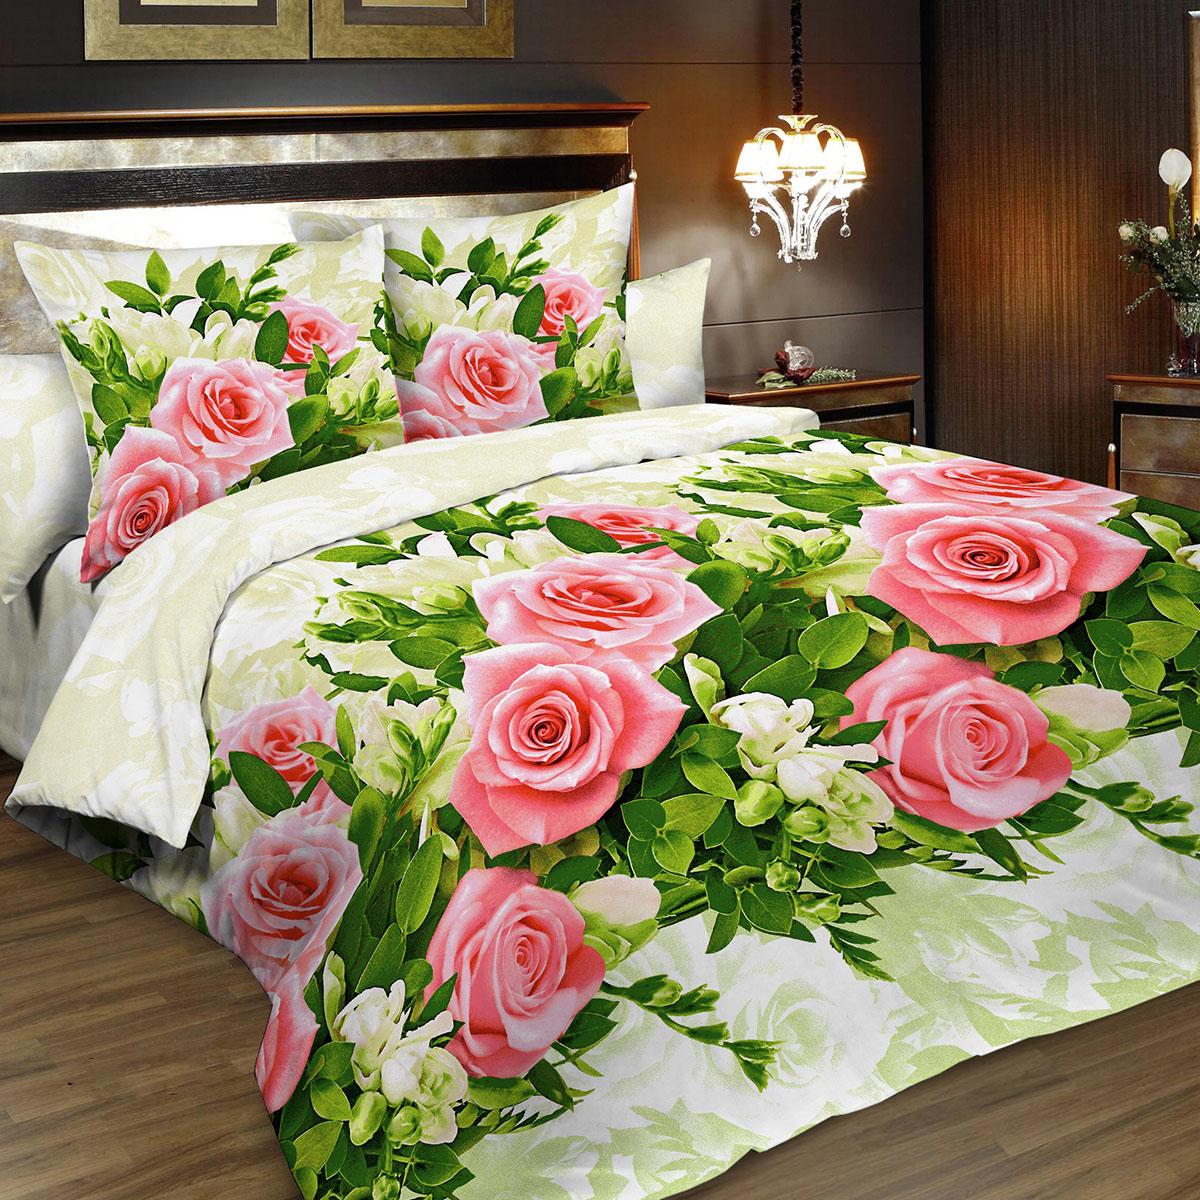 Комплект белья Letto Традиция, 2-спальный, наволочки 70x70, цвет: розовый. B195-4B195-4Комплект белья Letto Традиция, выполненный из бязи (100% хлопка), состоит из пододеяльника, простыни и двух наволочек. Бязь - хлопчатобумажная ткань полотняного переплетения без искусственных добавок. Большое количество нитей делает эту ткань более плотной, более долговечной. Высокая плотность ткани позволяет сохранить форму изделия, его первоначальные размеры и первозданный рисунок. Приобретая комплект постельного белья Letto Традиция, вы можете быть уверенны в том, что покупка доставит вам и вашим близким удовольствие и подарит максимальный комфорт.Советы по выбору постельного белья от блогера Ирины Соковых. Статья OZON Гид